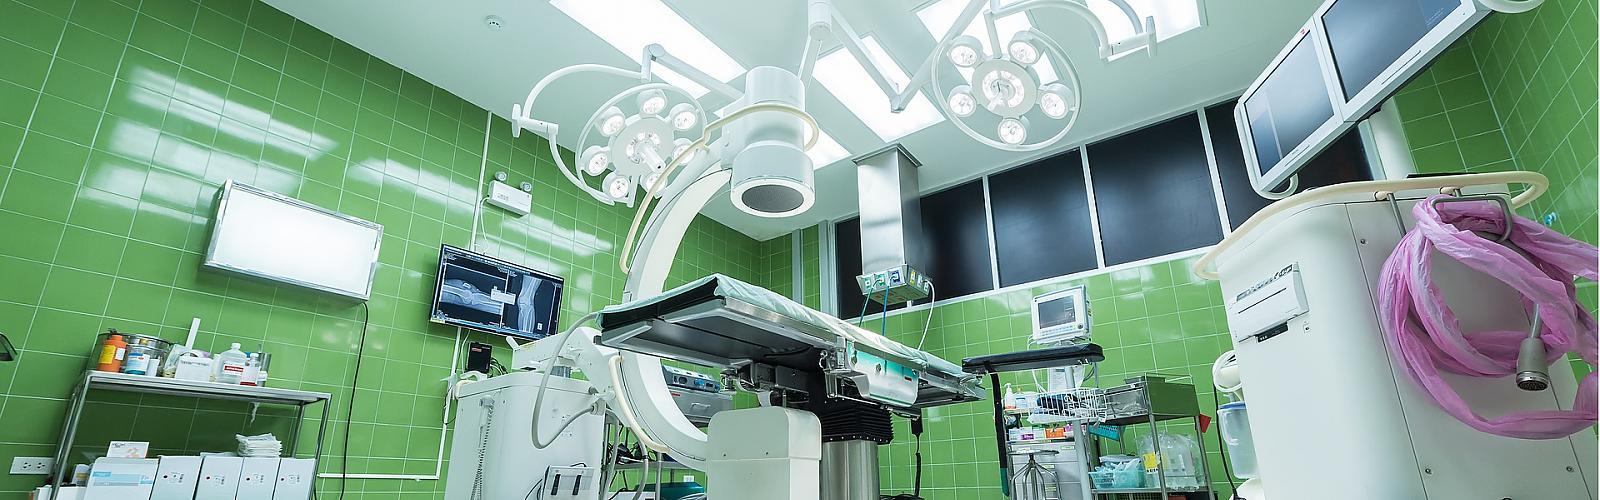 Czy powstanie nowy szpital zakaźny? Marszałek Olgierd Geblewicz zaczyna walkę o budowę